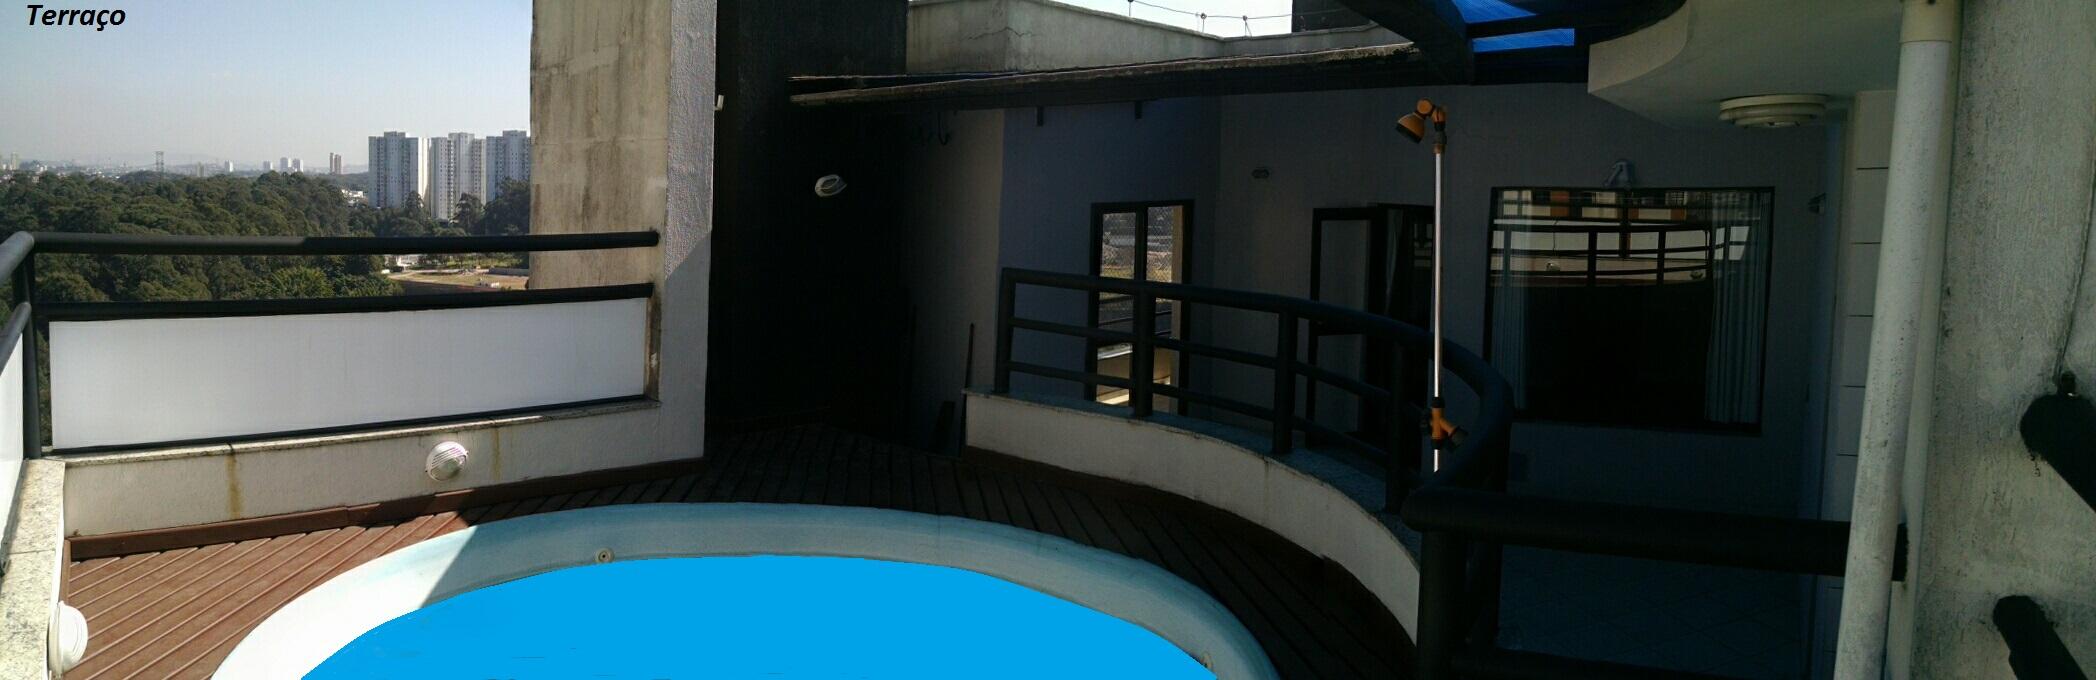 Aluguel De Cobertura Penthouse Em Portal Dos Bandeirantes - Jd. Iris Em São Paulo-SP